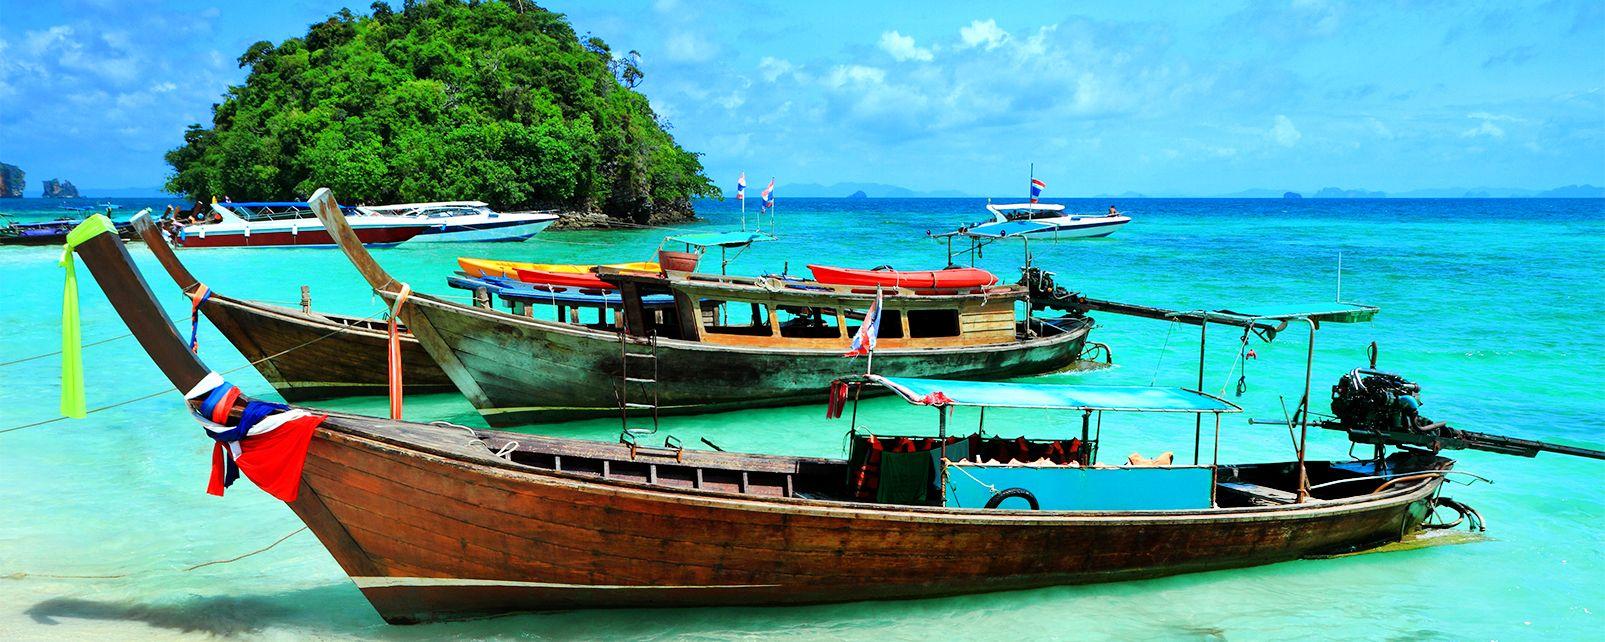 La péninsule de Kra, La péninsule du Kra, Les paysages, Thaïlande